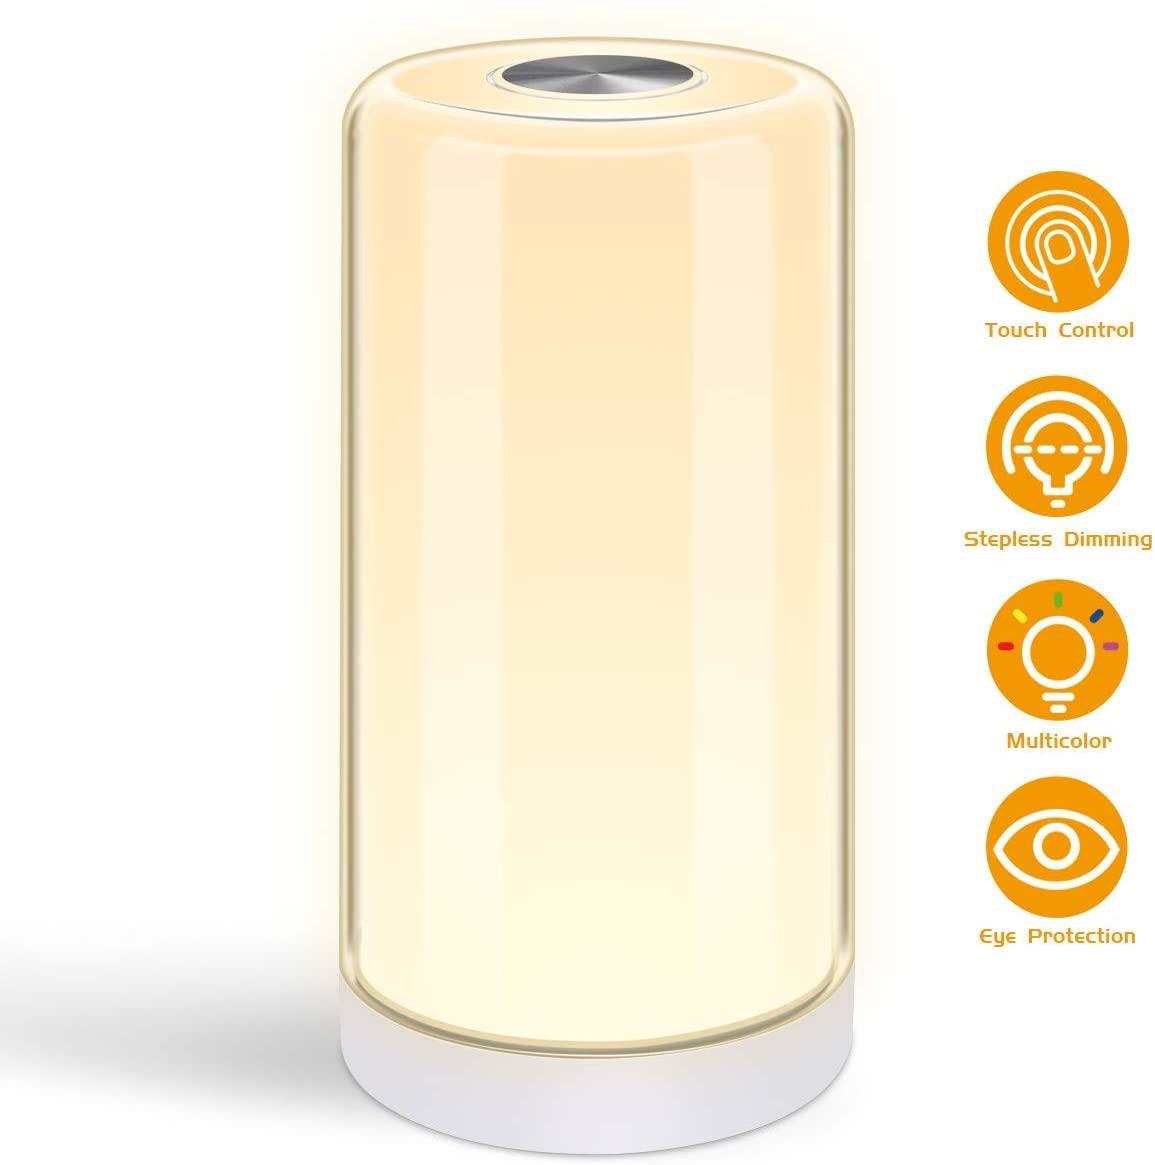 Abajur, sensor de toque lâmpada de cabeceira com Regulável 2800K-6500K RGB mudança da cor, Lâmpada LED Modern Desk para sala, quarto, escritório